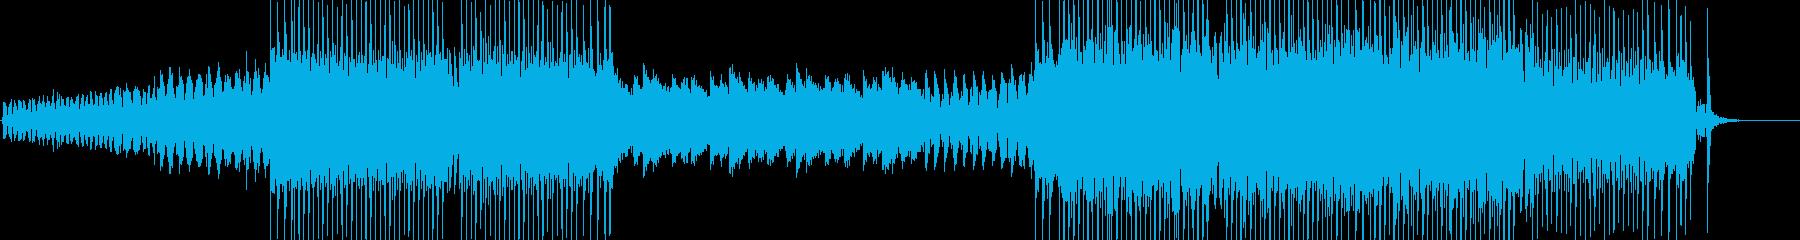 EDMでトランス風の曲の再生済みの波形